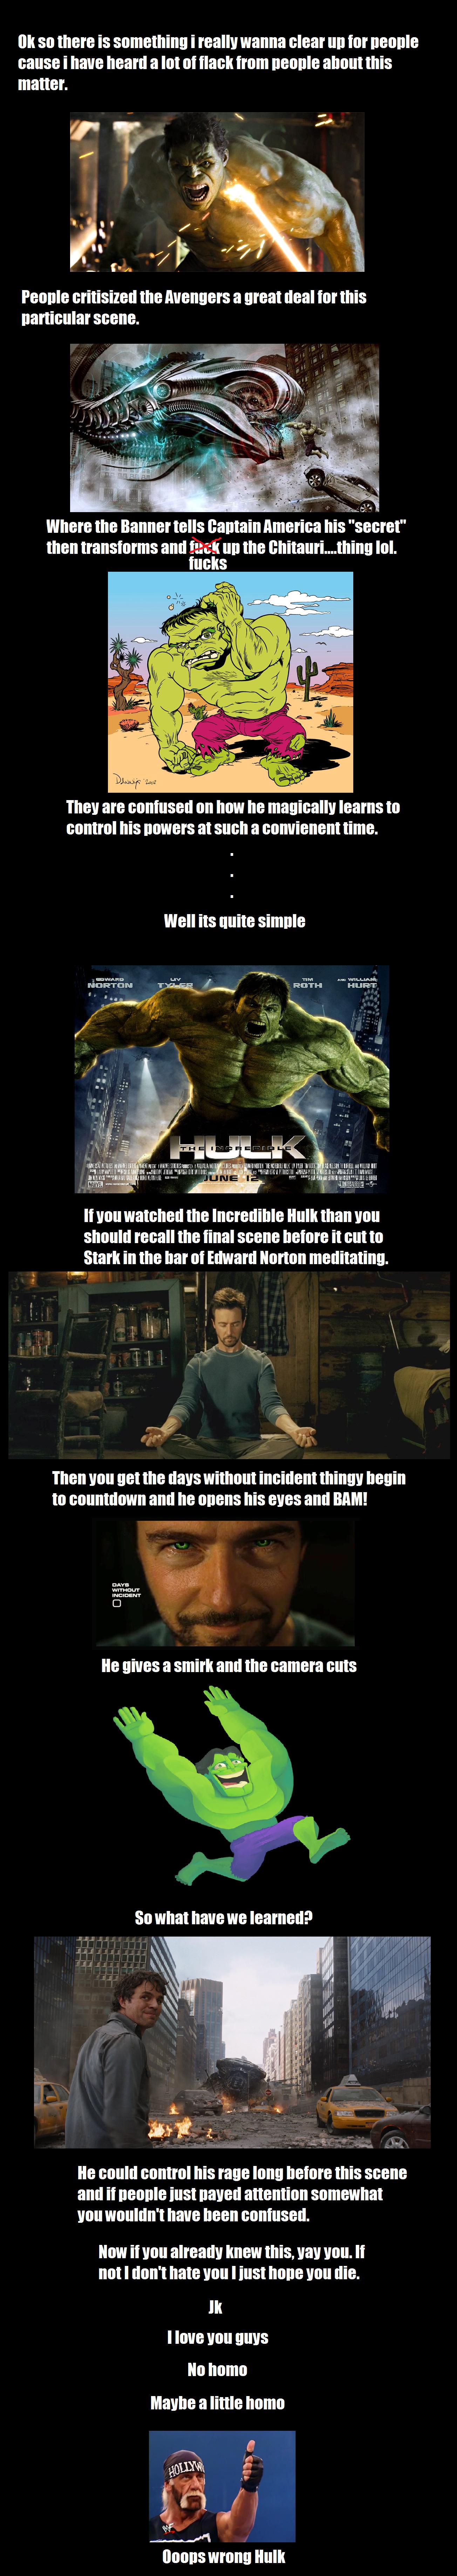 Hulk Talk. Seriously though no homo. Some homo